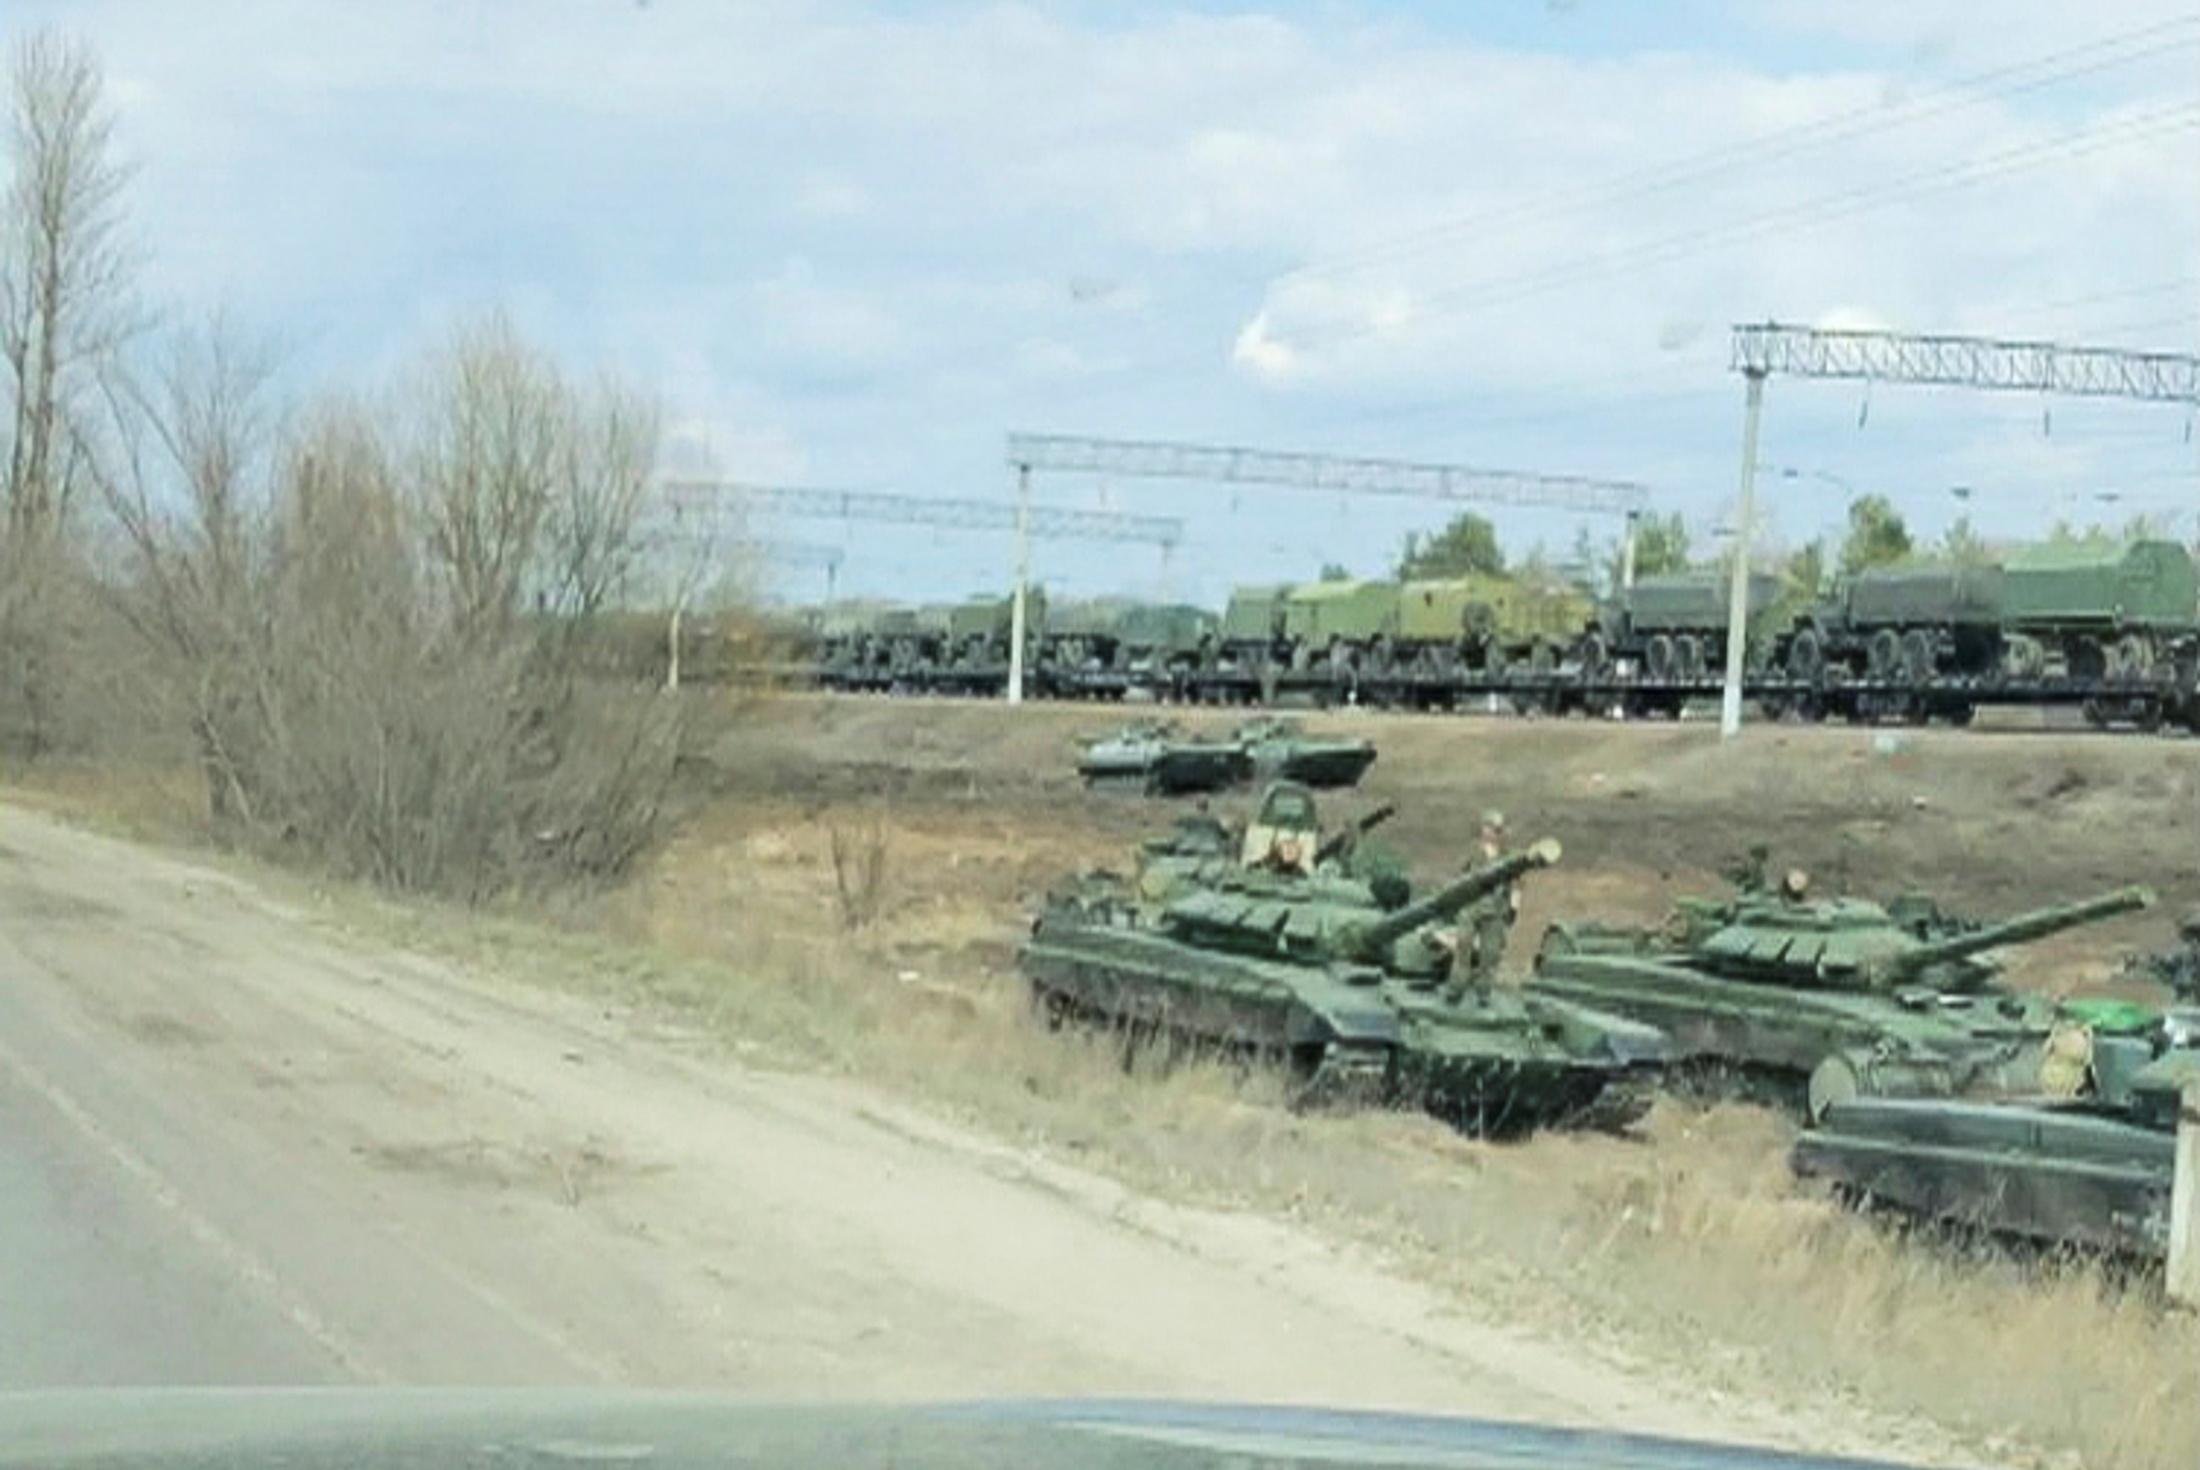 ΗΠΑ, Γερμανία και Γαλλία κατά Ρωσίας – Ανοικτή στήριξη στο Κίεβο